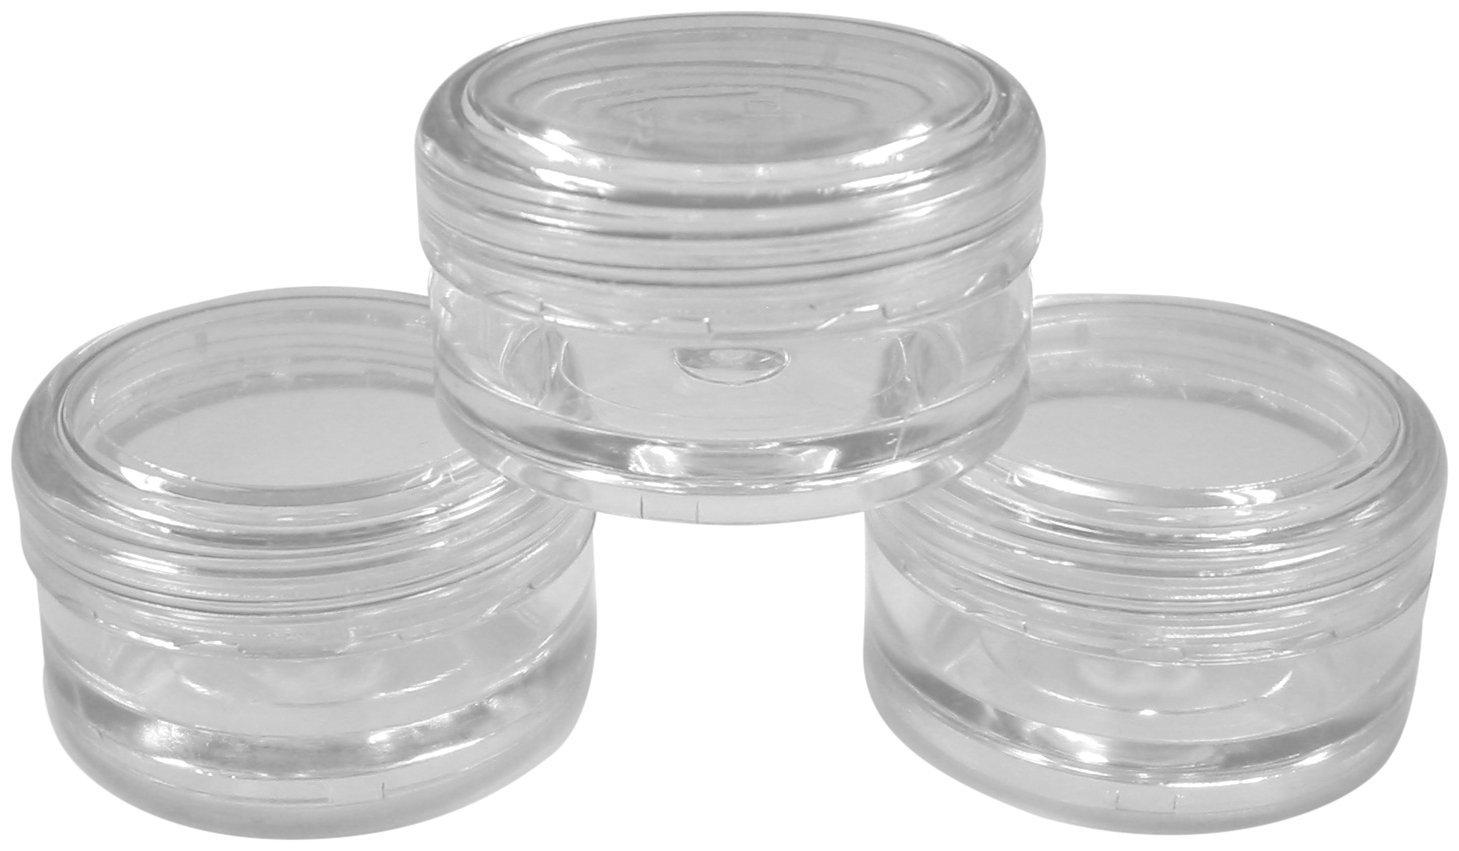 Dispensing Jars